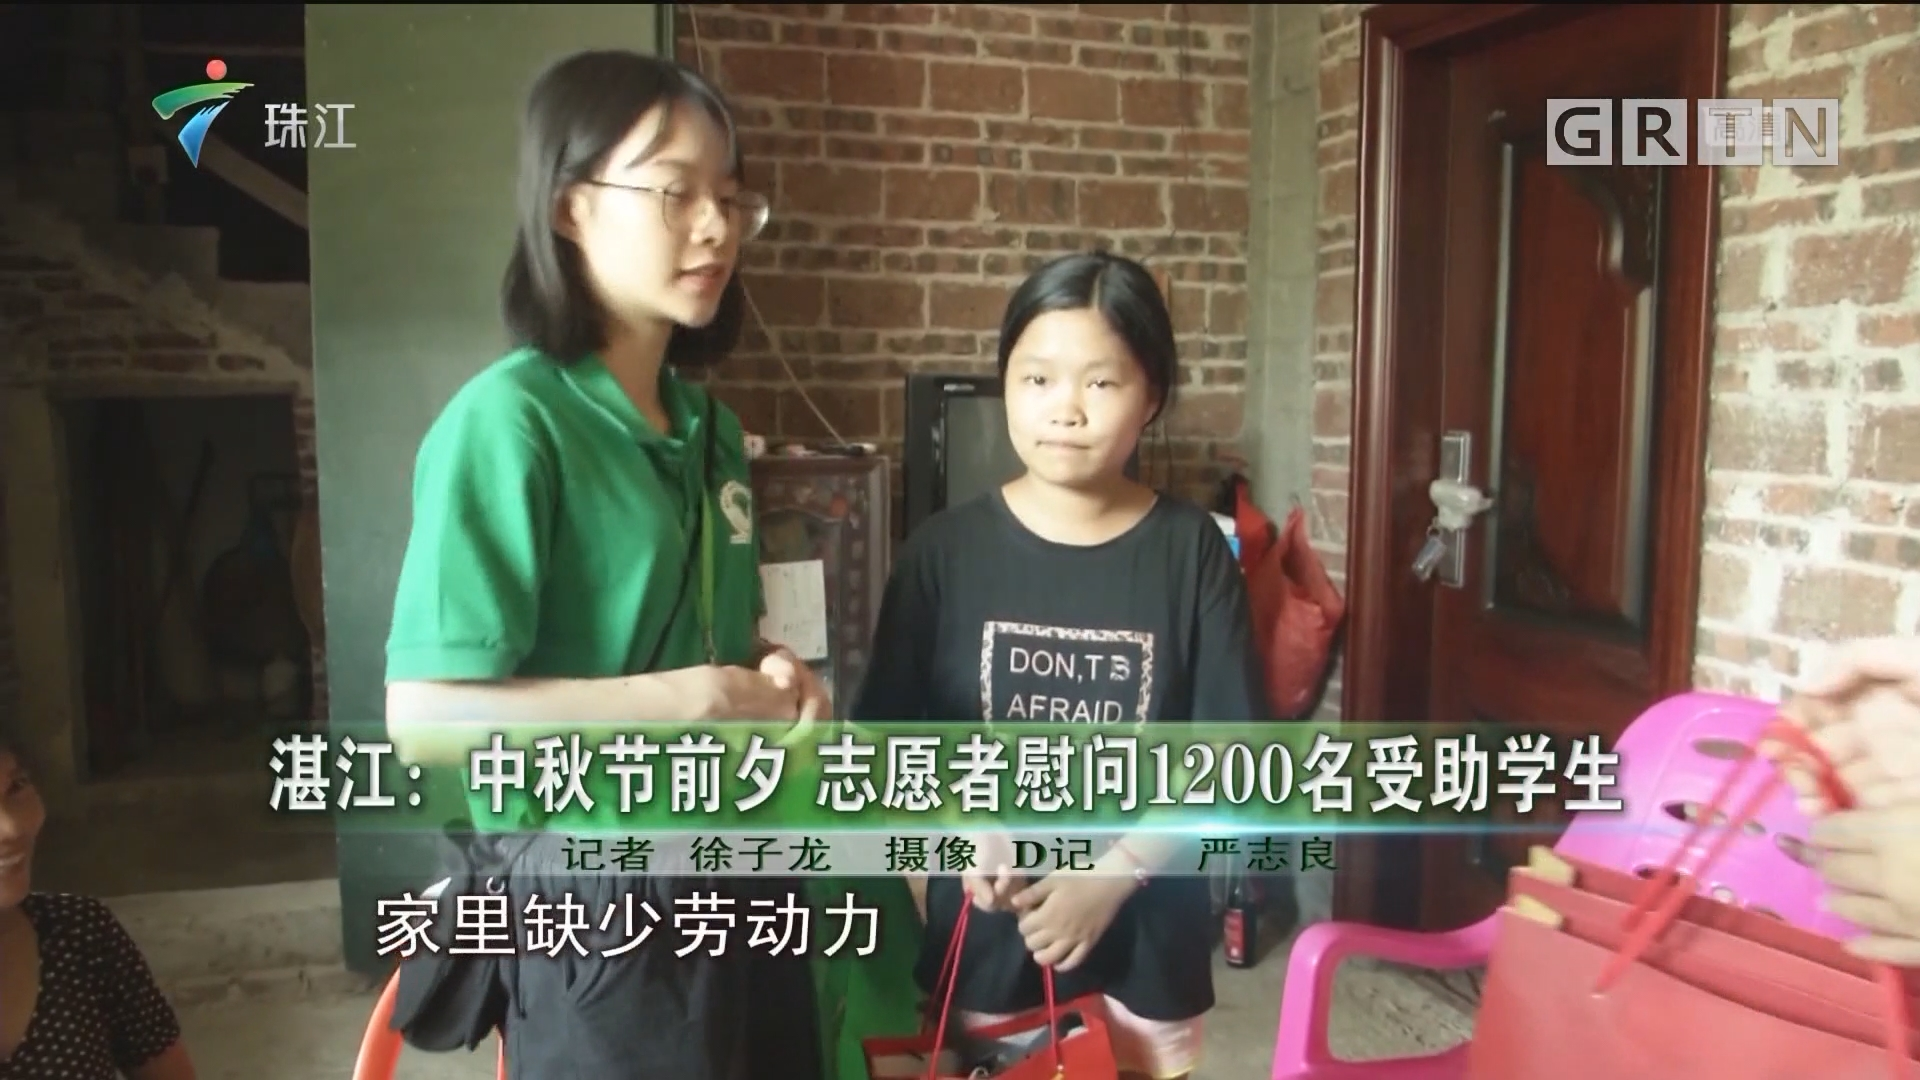 湛江:中秋节前夕 志愿者慰问1200名受助学生